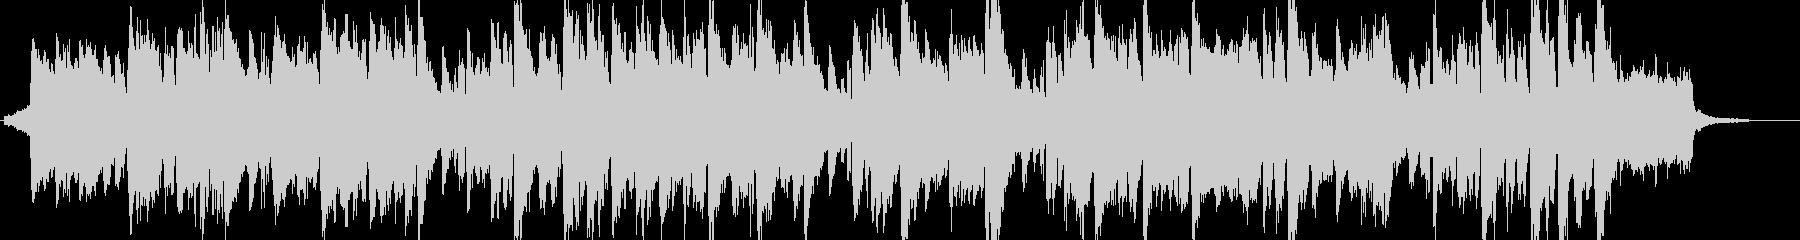 哀愁なトランペットなオーケストラ曲の未再生の波形